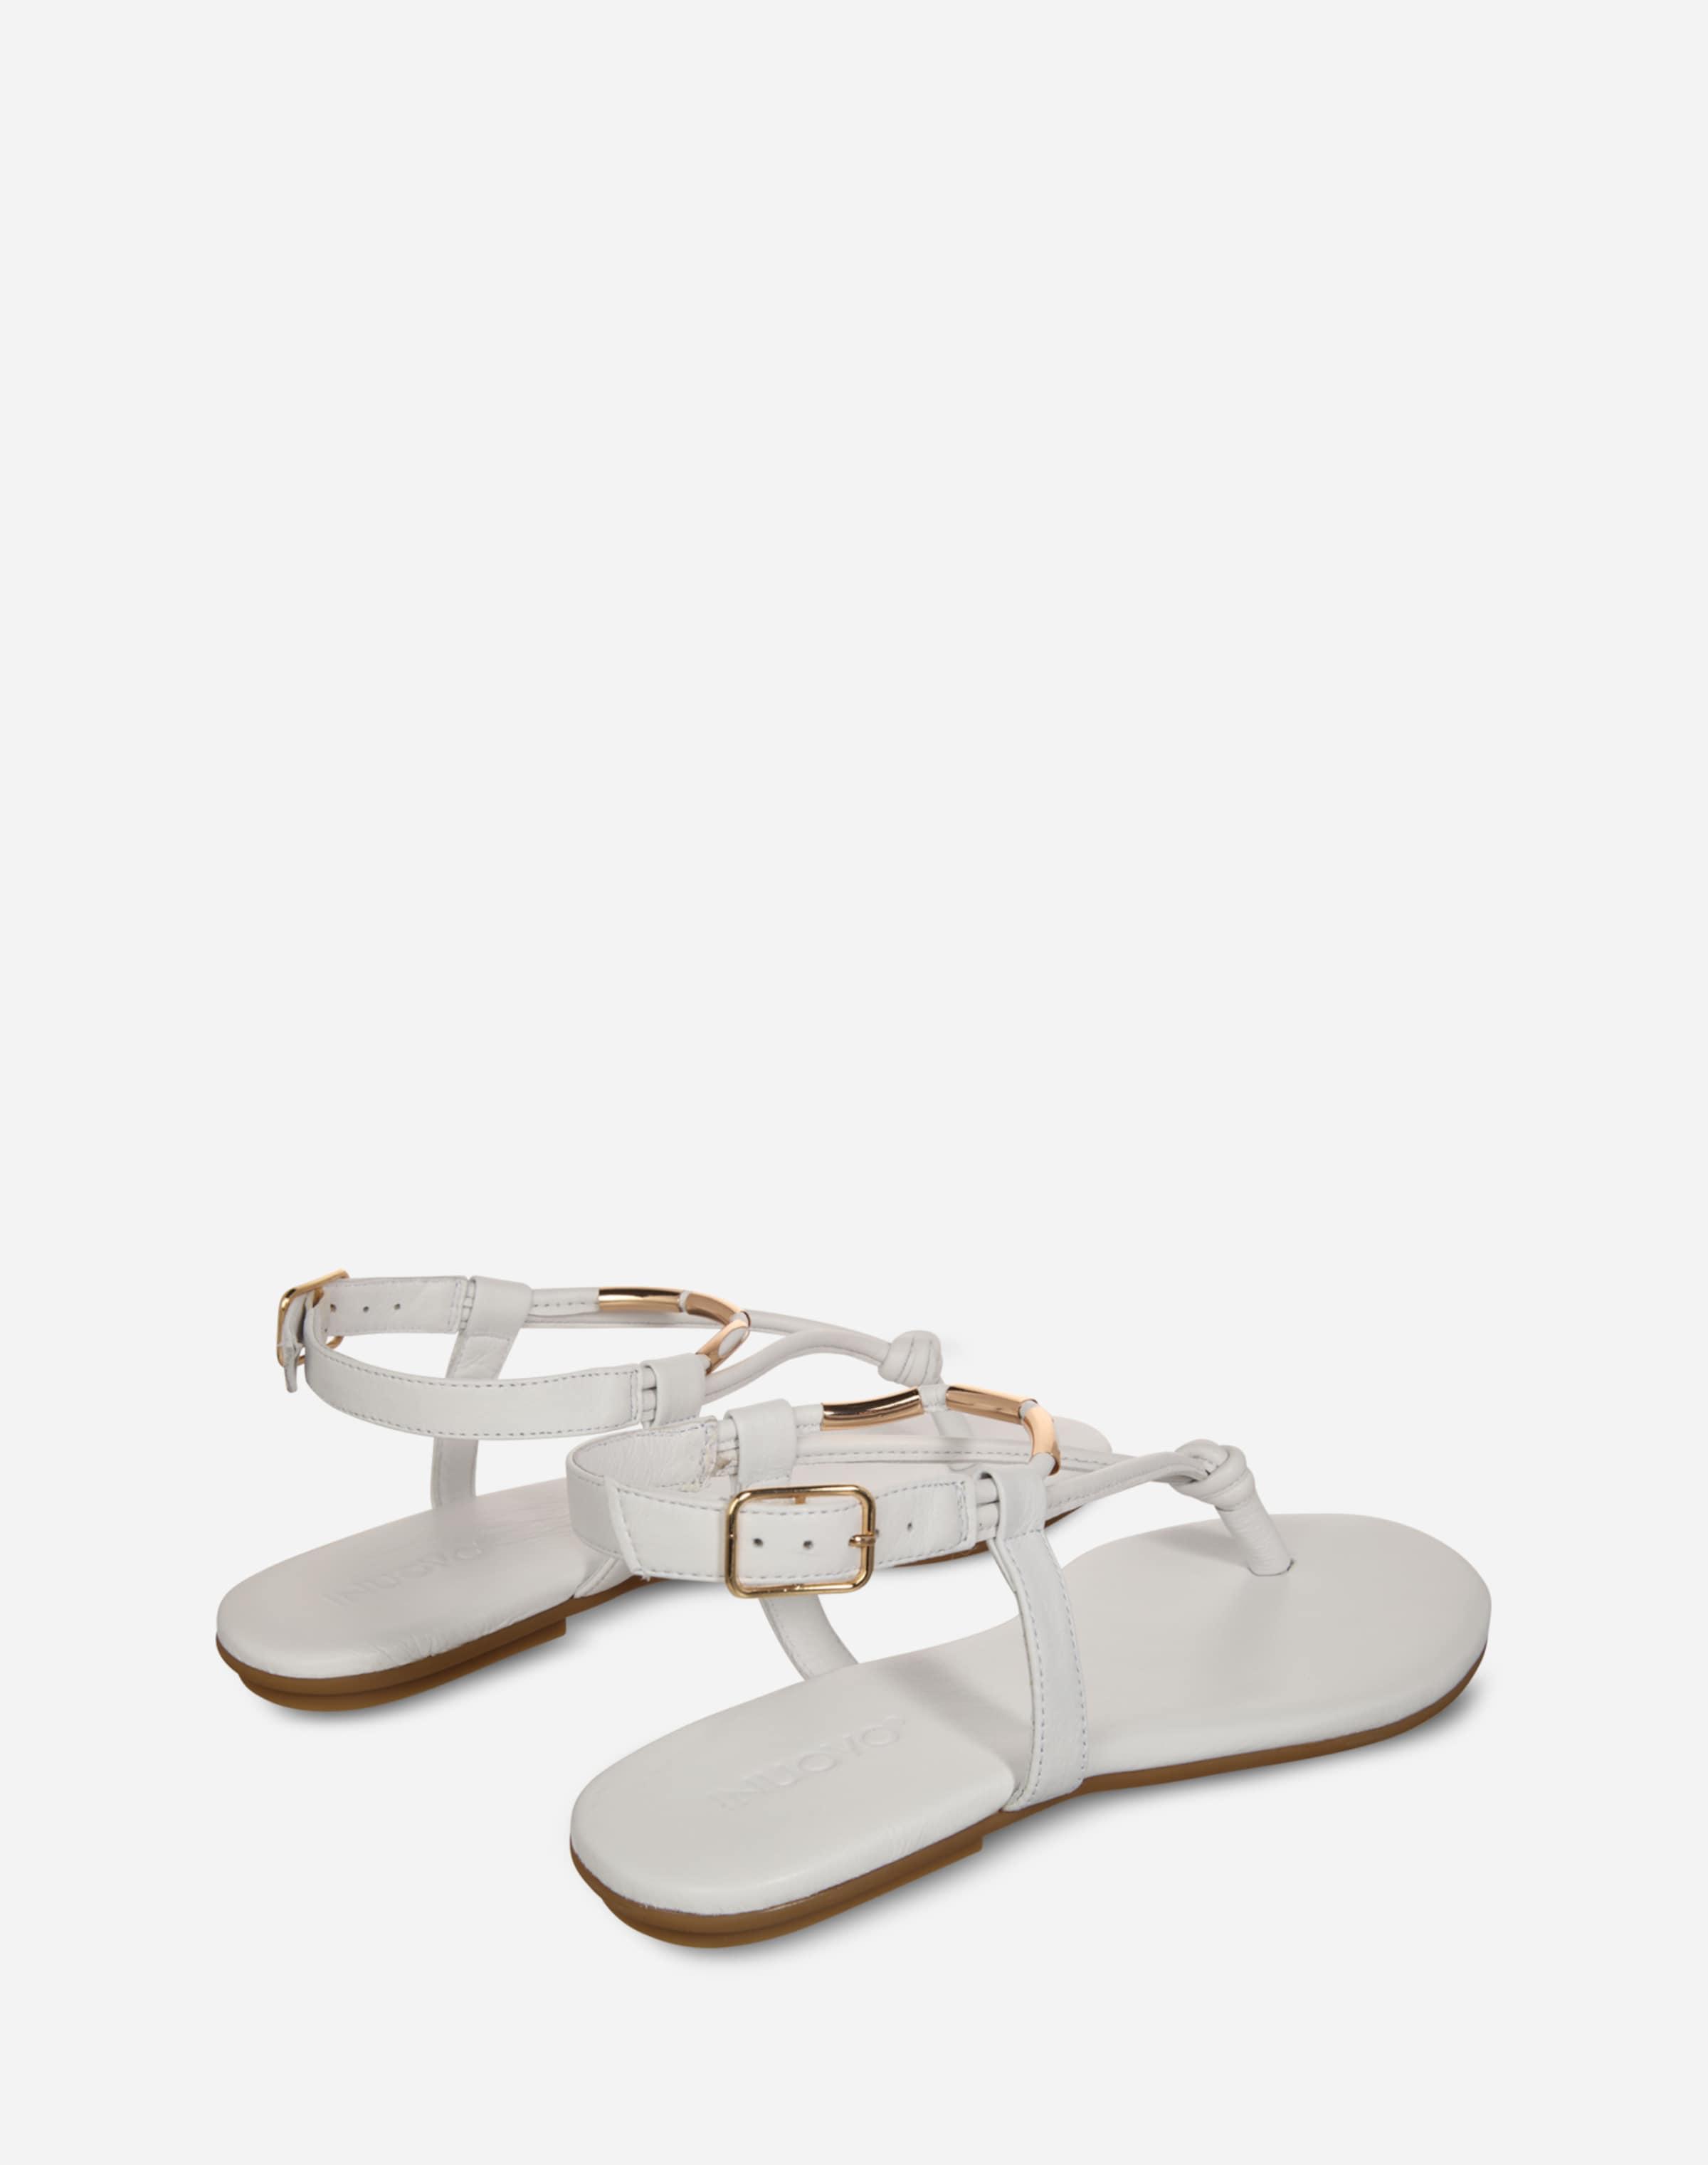 INUOVO Sandale mit Zehensteg Niedriger Preis Versandgebühr Freies Verschiffen Verkauf Online Niedriger Preis Günstiger Preis Auslass Manchester Großer Verkauf YjkbCZ